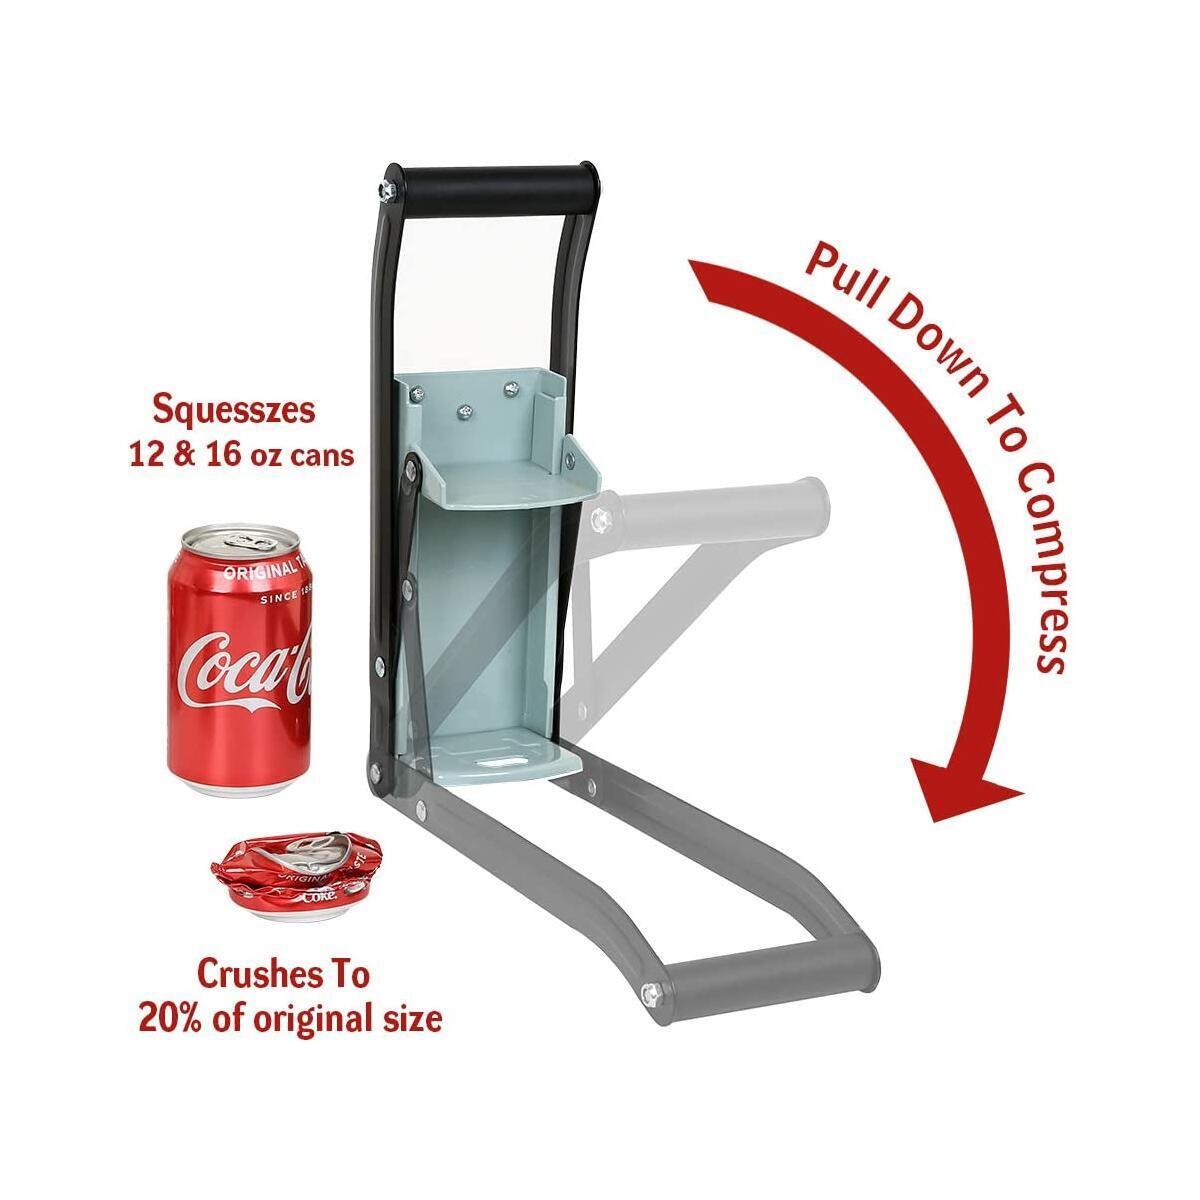 Metal Can Crusher/Smasher, Heavy Duty Wall Mounted Aluminium Can Crusher